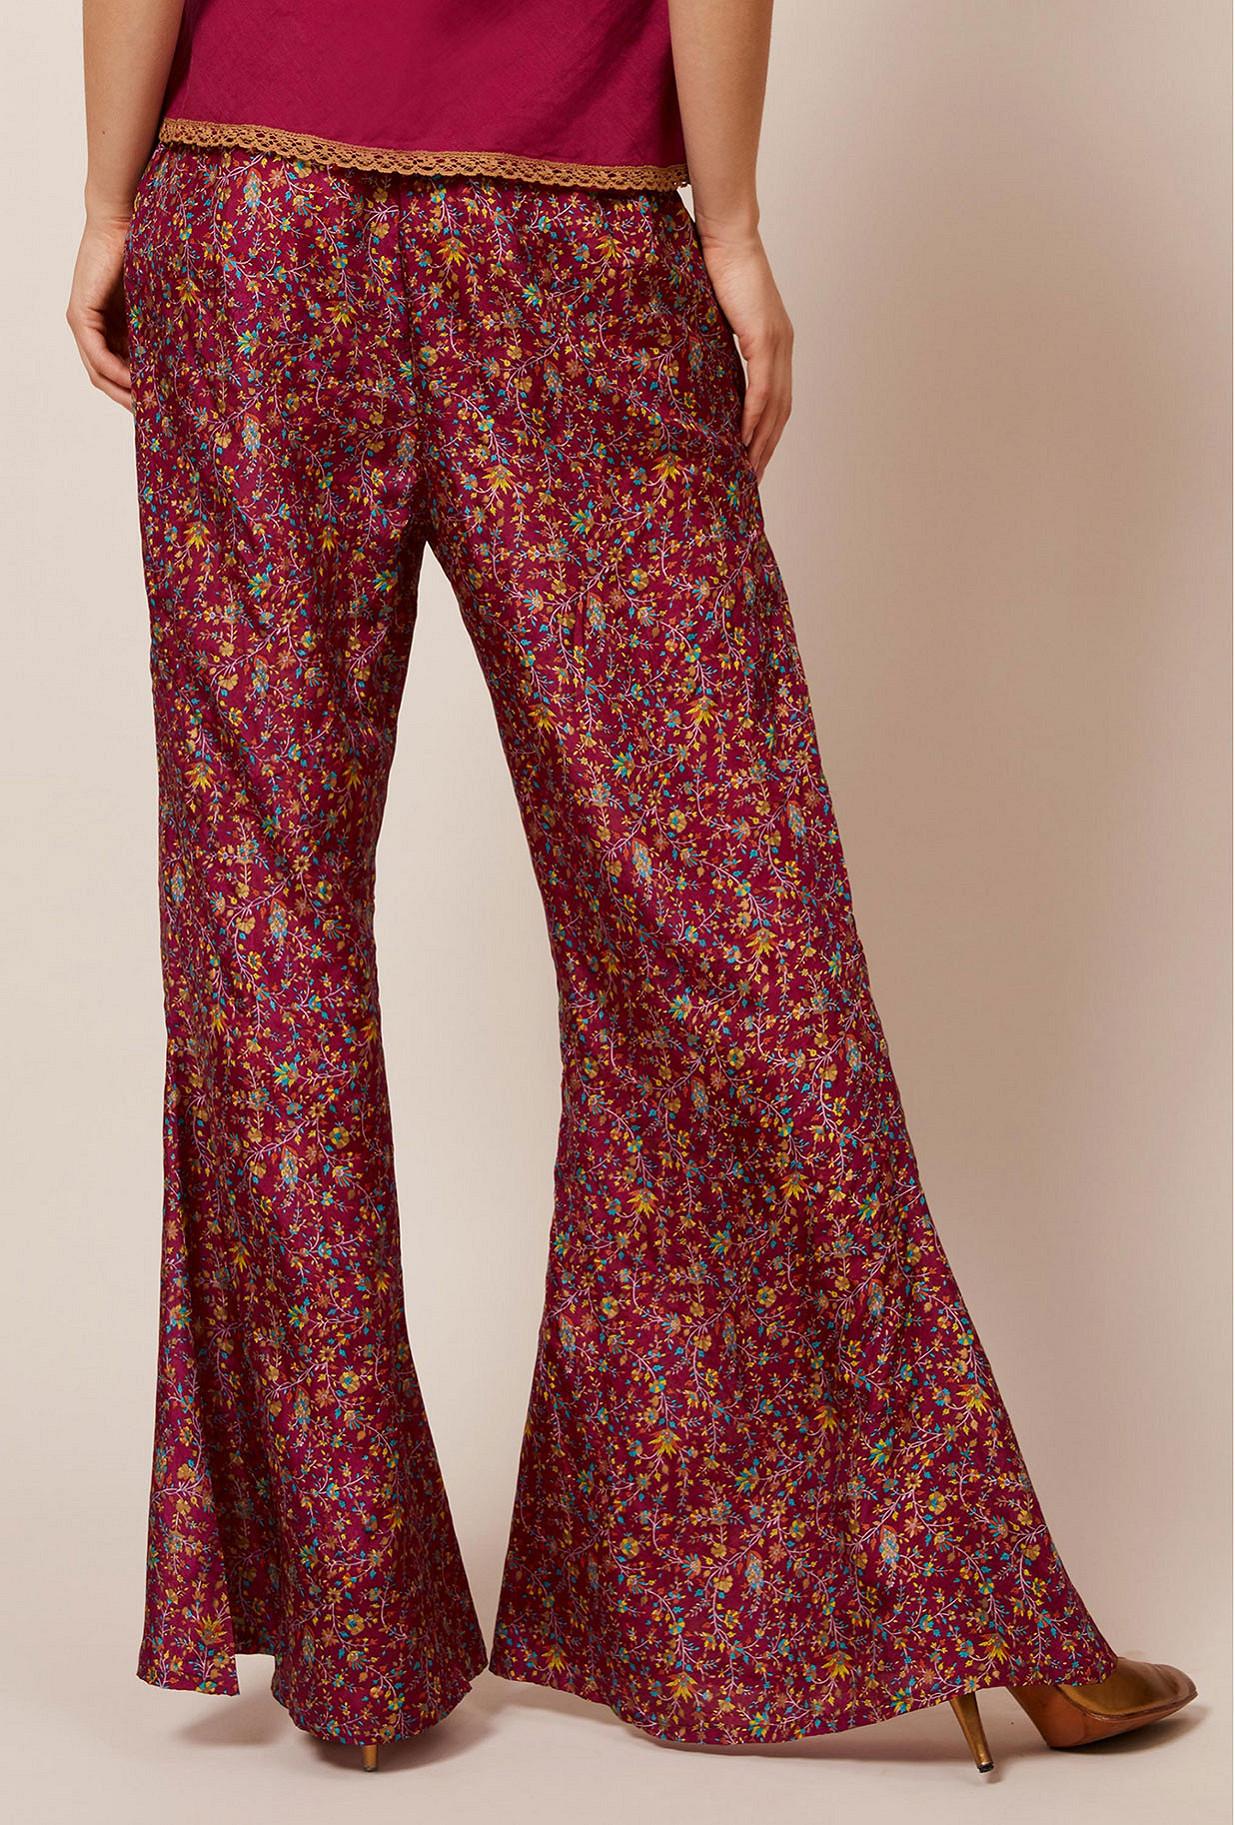 Pantalon Imprimé fleuri  Campanule mes demoiselles paris vêtement femme paris